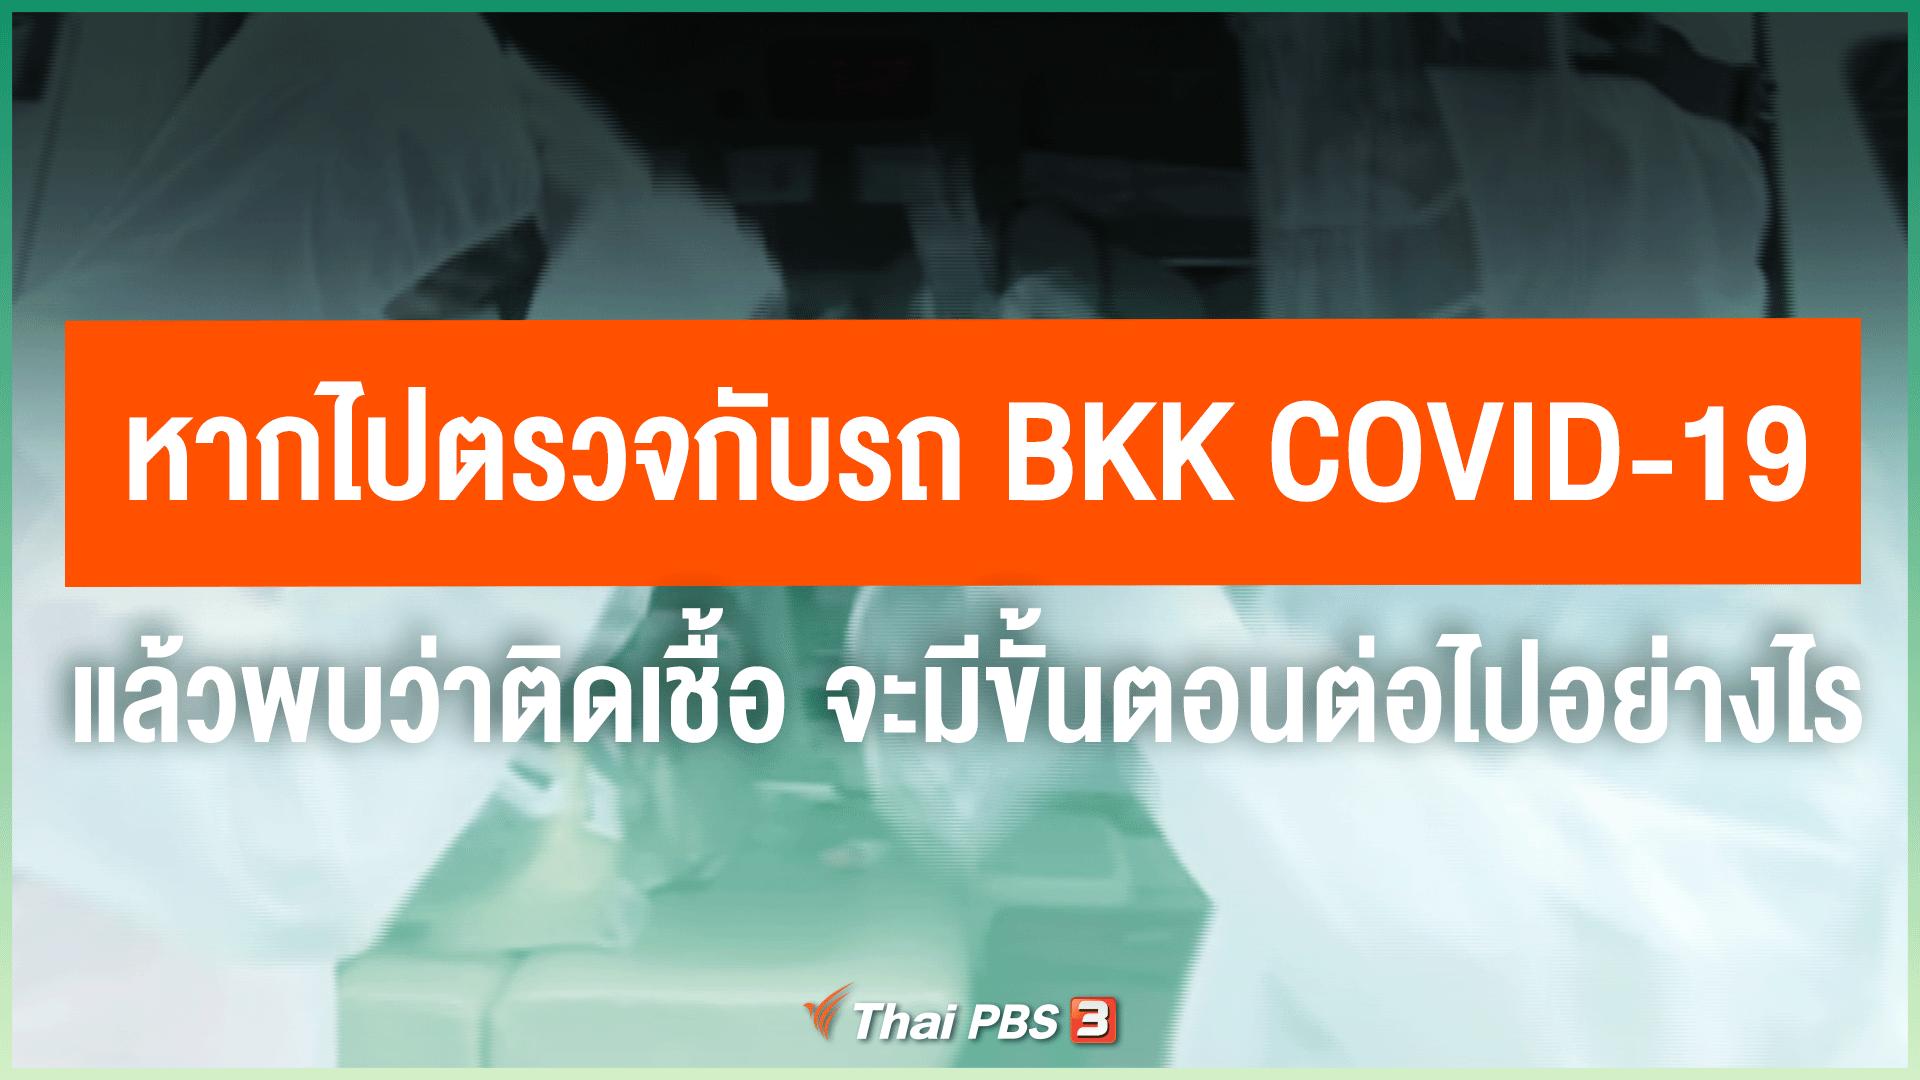 หากเข้ารับการตรวจกับรถปฏิบัติการ BKK covid-19 แล้วพบว่าติดเชื้อ จะมีขั้นตอนต่อไปอย่างไร ?